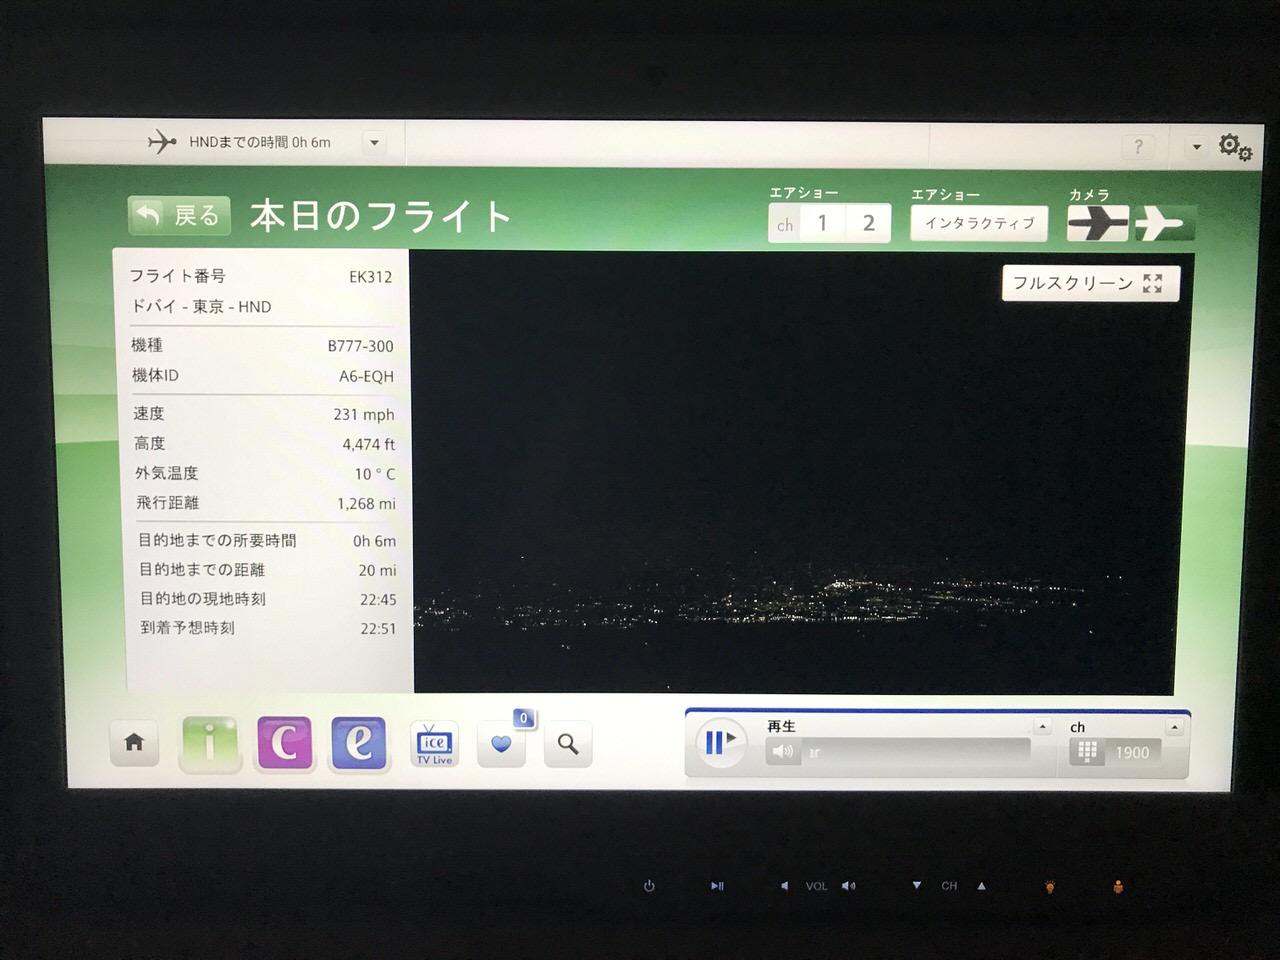 【動画】ボーイング「B777-300」ドバイ空港→羽田空港【着陸】